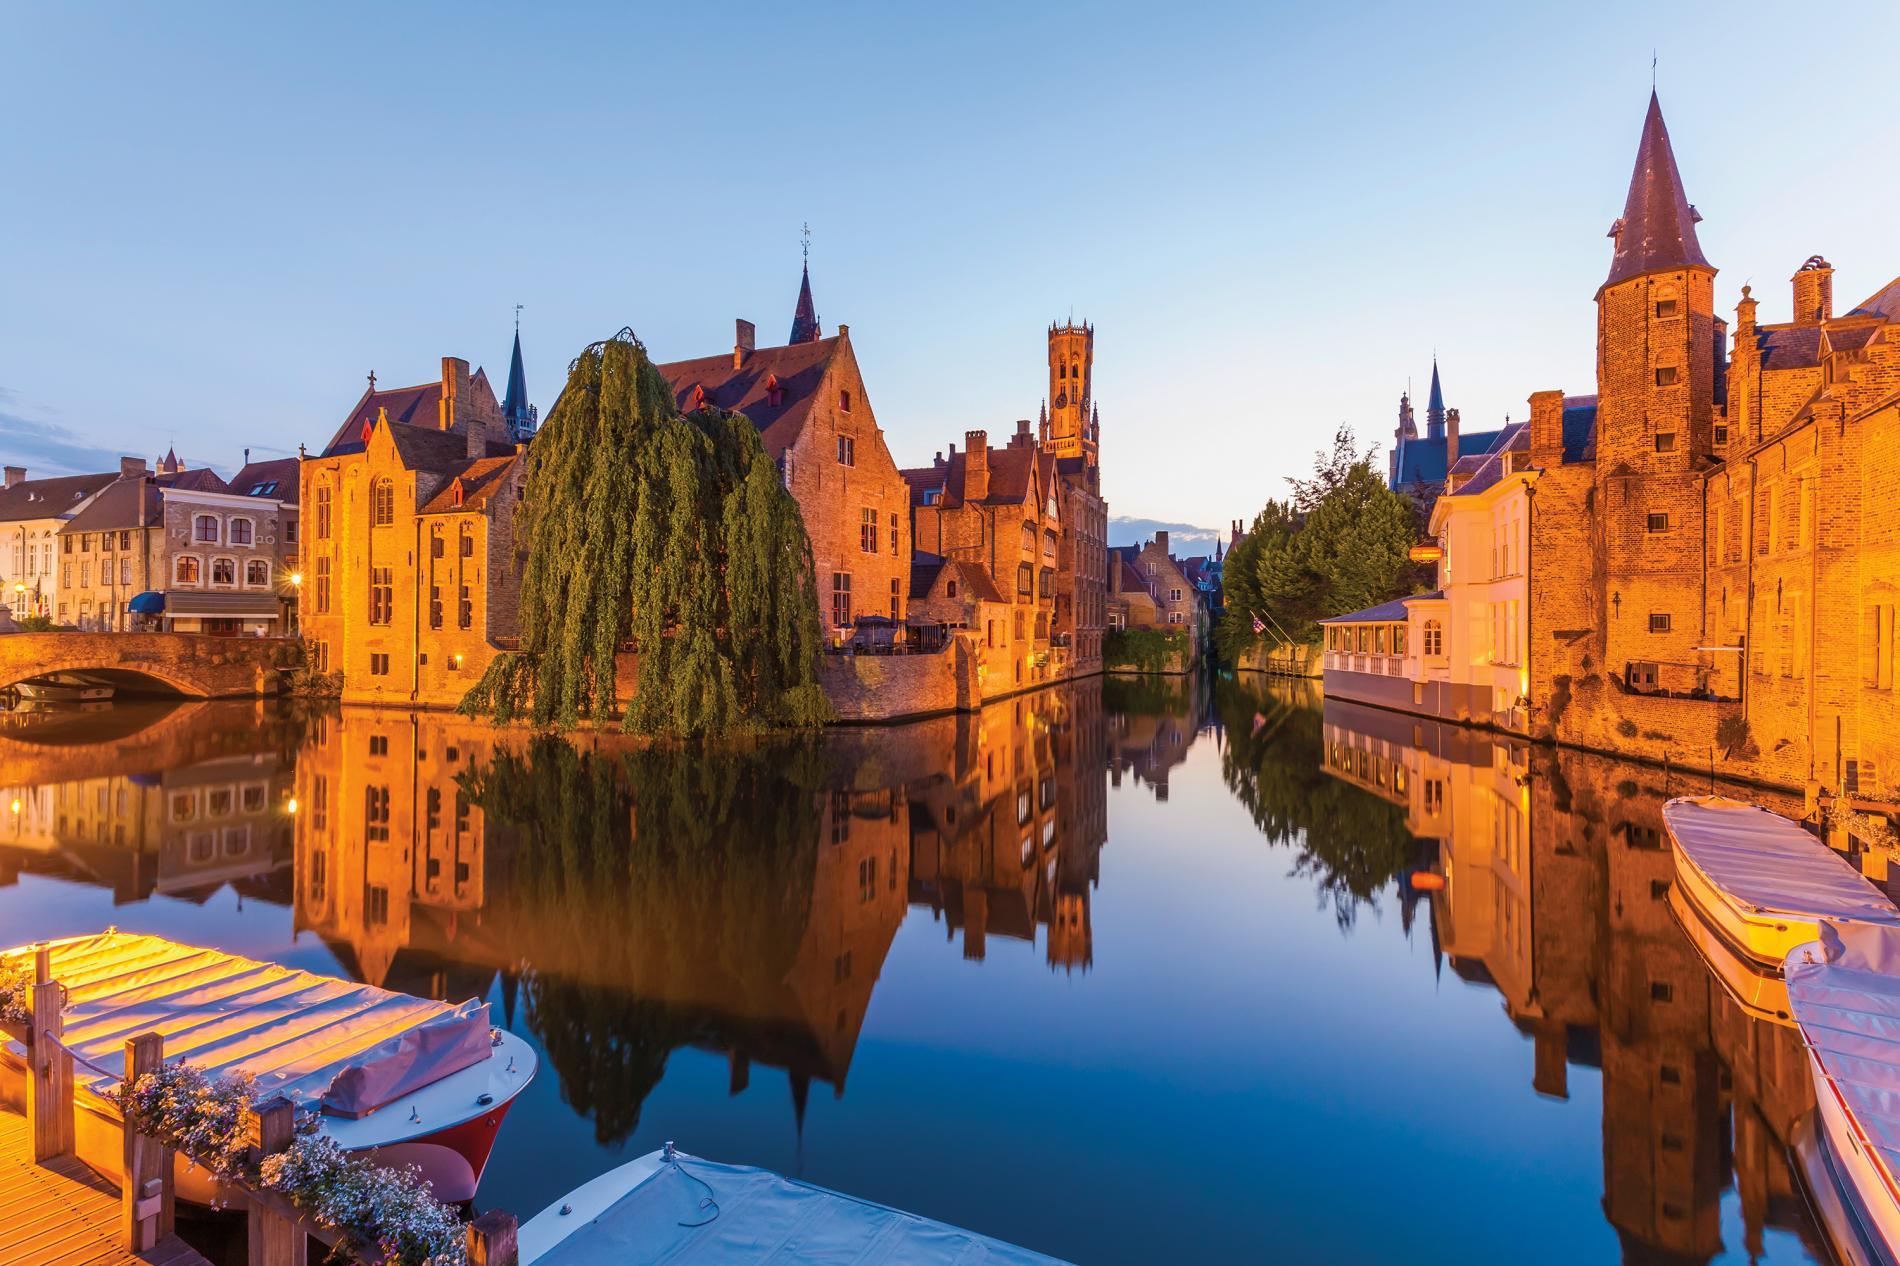 canal-bruges-belgium_adapt_1900_1.jpg